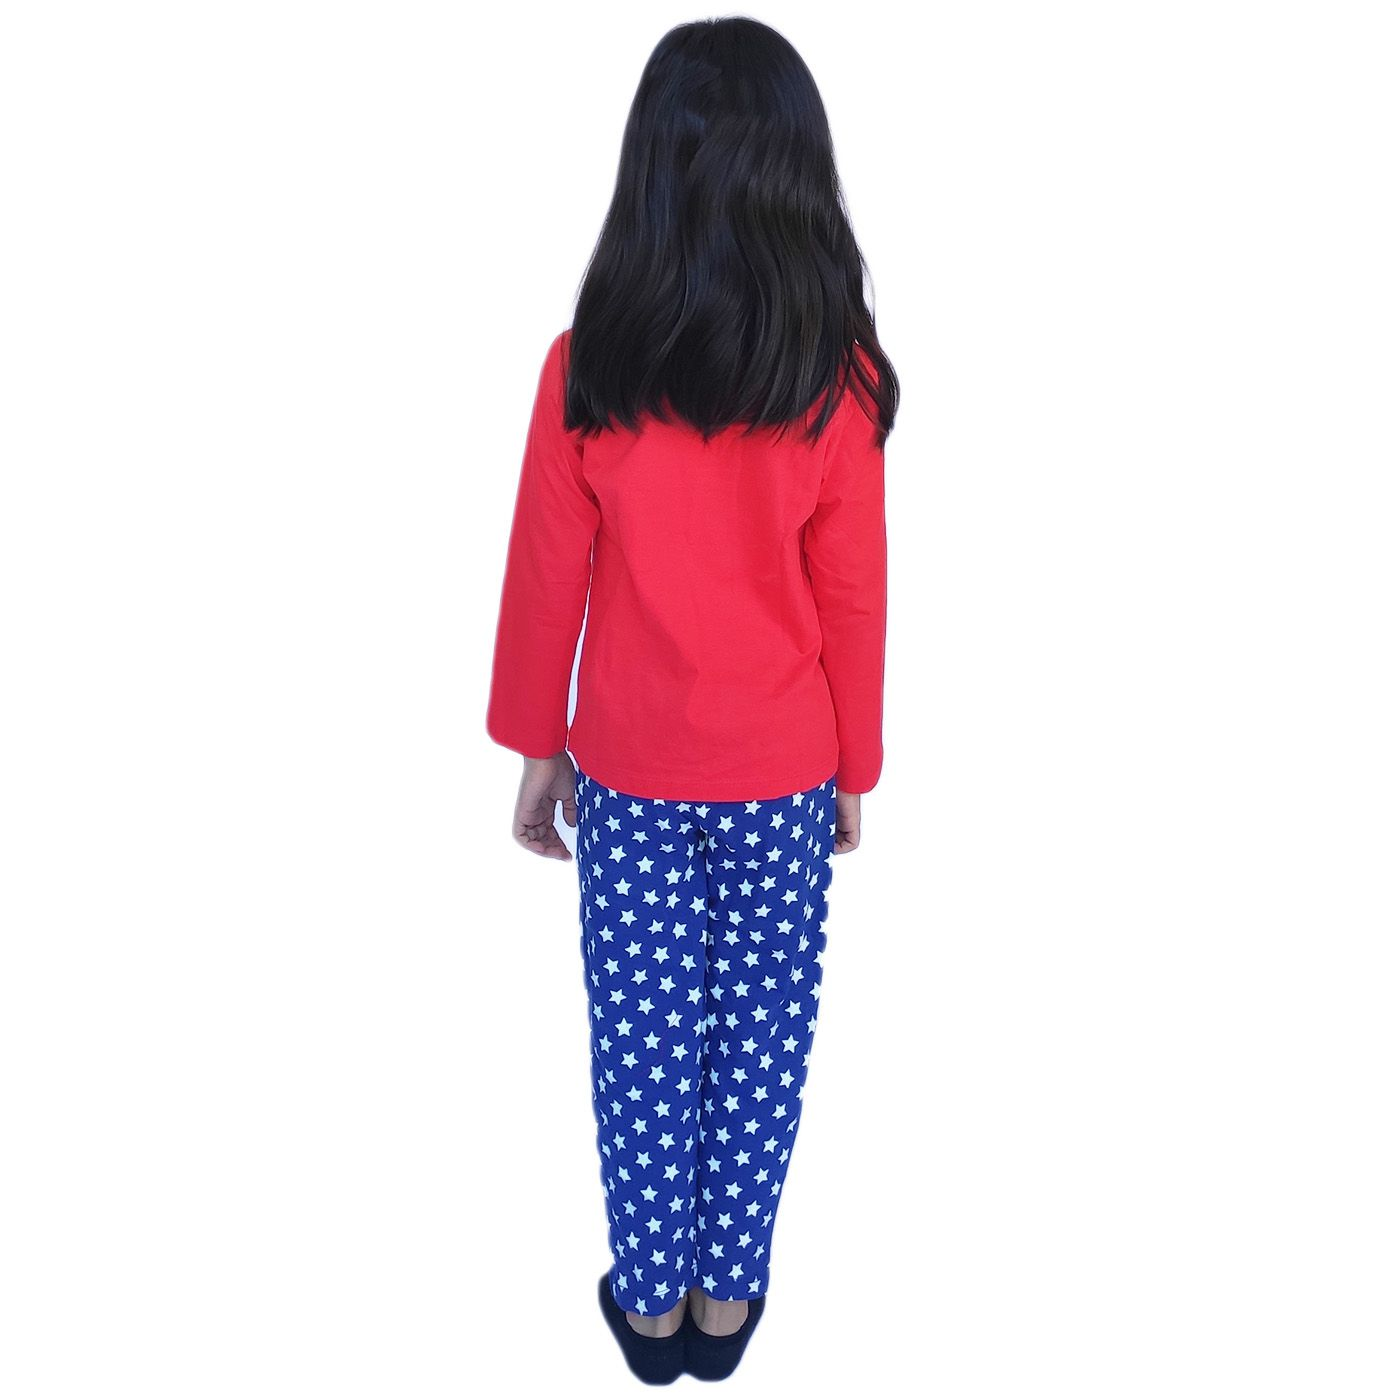 Pijama menina mulher maravilha calça estrelinha faixa cabelo